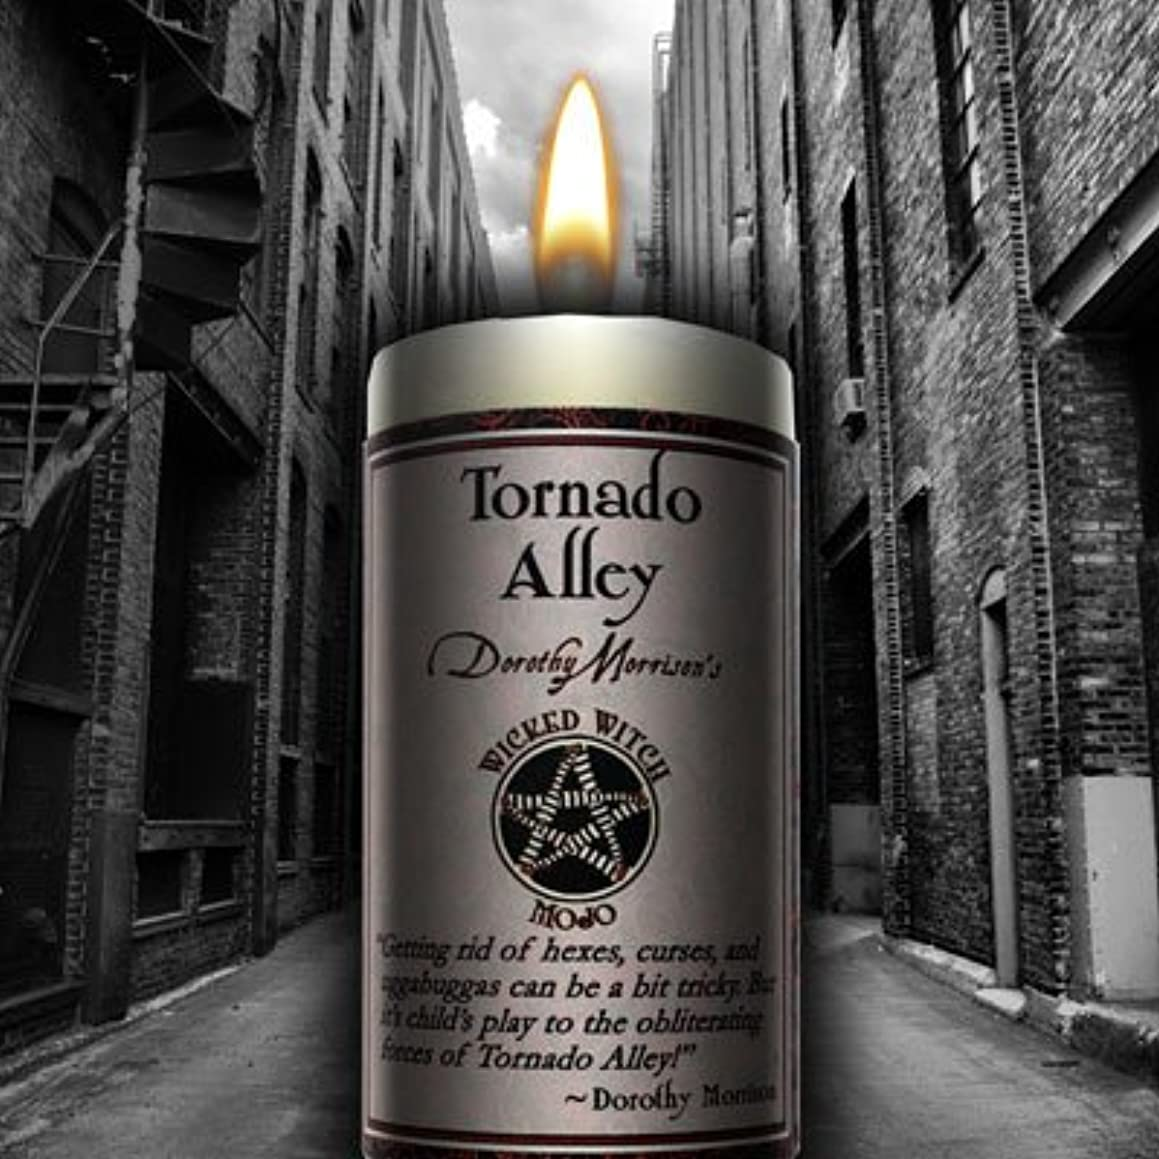 めるいたずらなリーンWicked Witch Mojo Tornado Alley Candle by Dorothy Morrison